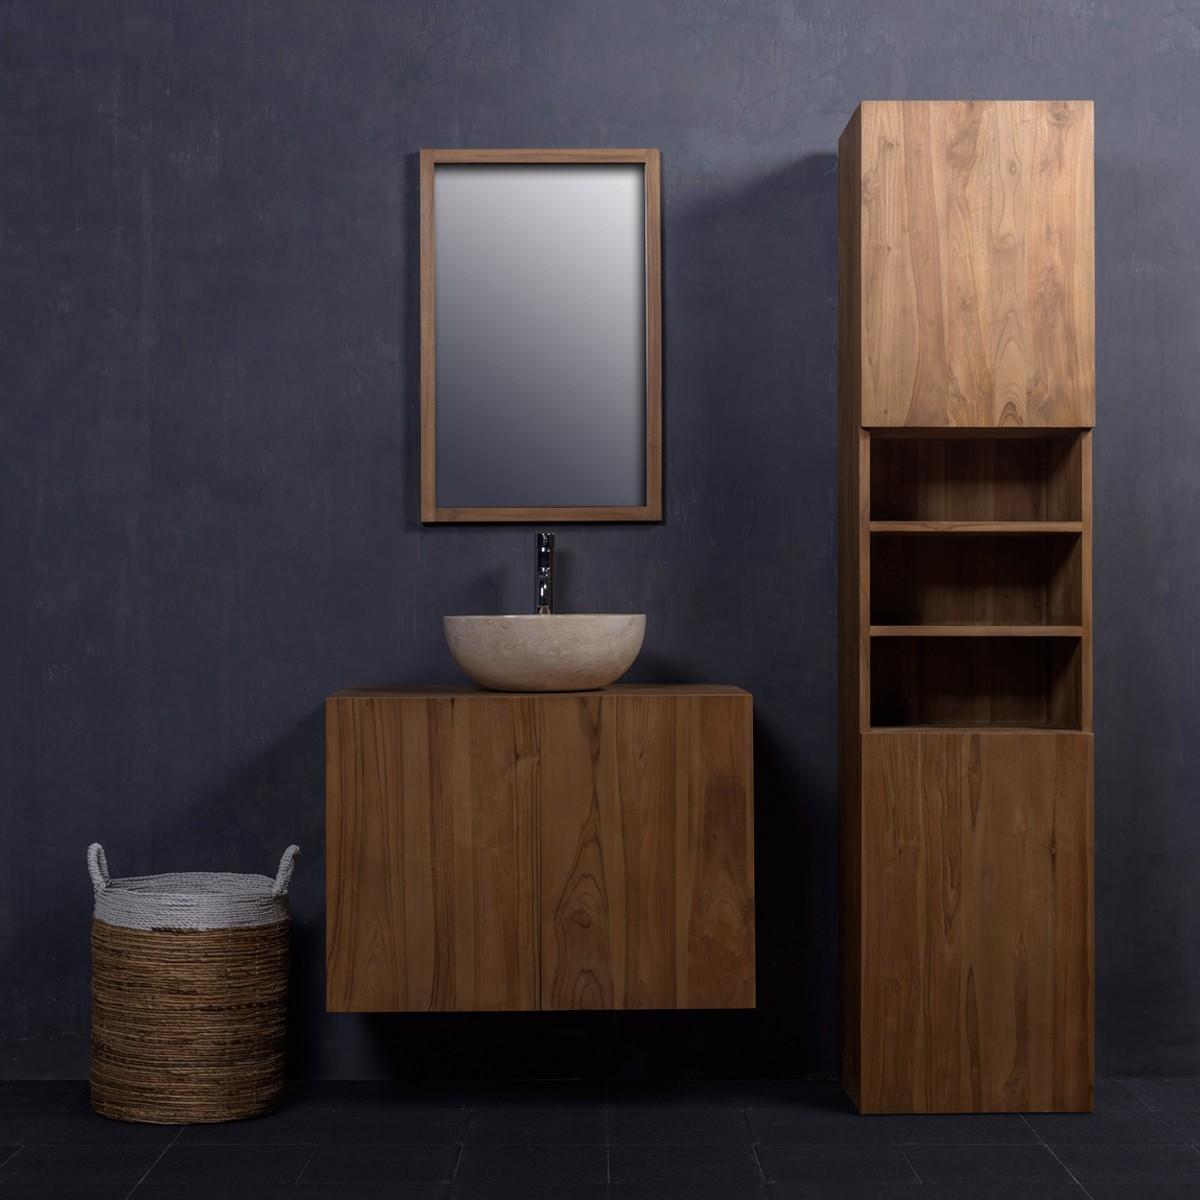 Salle de bain meuble bois maison moderne for Meuble salle de bain